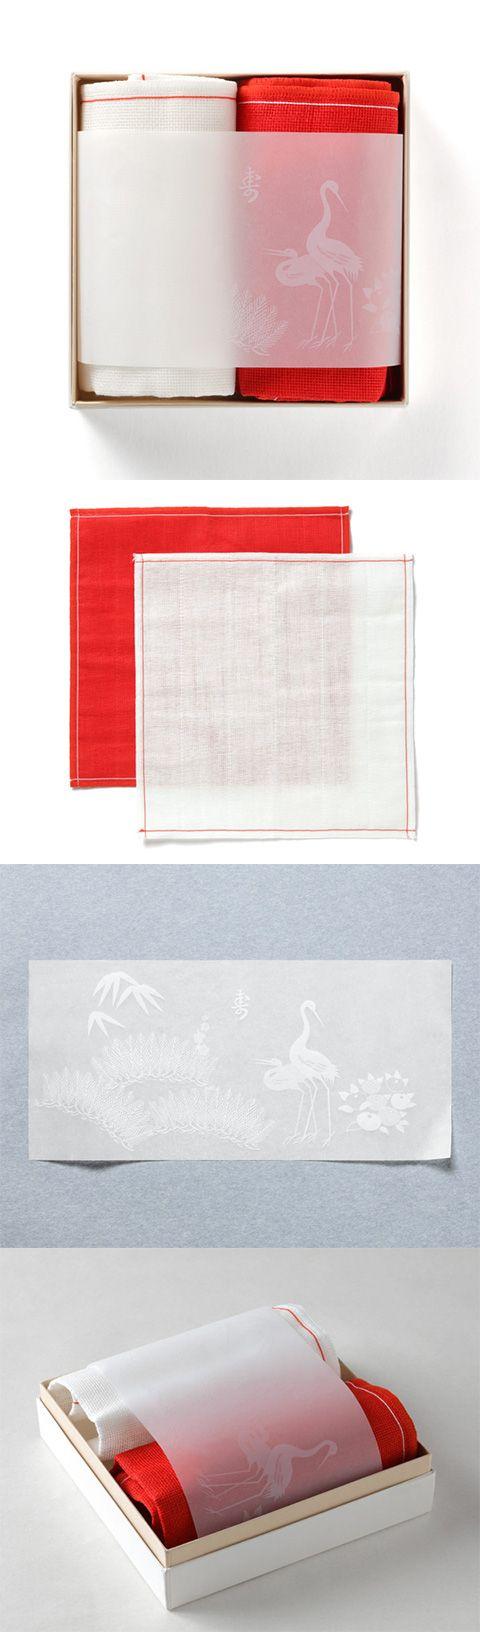 【婚礼ふきん(中川政七商店)】/大切な2人の門出をお祝いするのに最適な箱入りふきんのセットです。5枚仕立ての蚊帳生地を使用した紅白のふきんを、慶事・吉祥の象徴となっている松竹梅と夫婦鶴のあしらいが華を添えます。上品な砂子色のさし色が美しい紙箱におさめました。